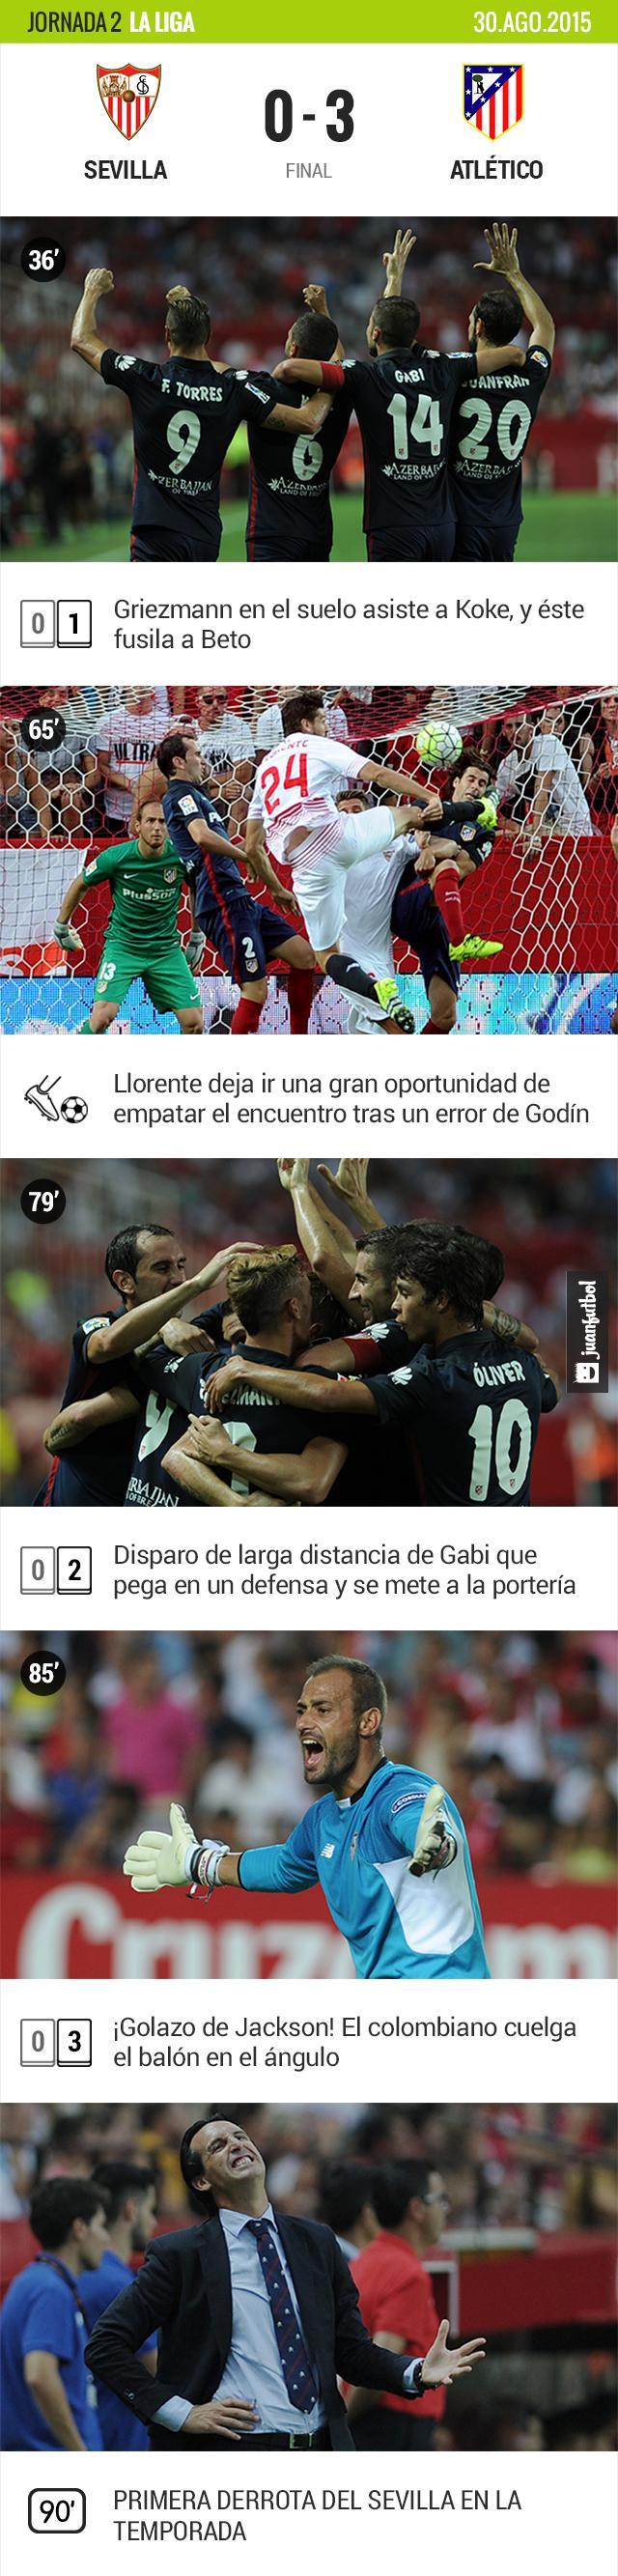 Atlético de Madrid vence 3-0 a Sevilla en el Sánchez Pizjuán. Jacksó, Koke y Gabi marcaron por los rojiblancos